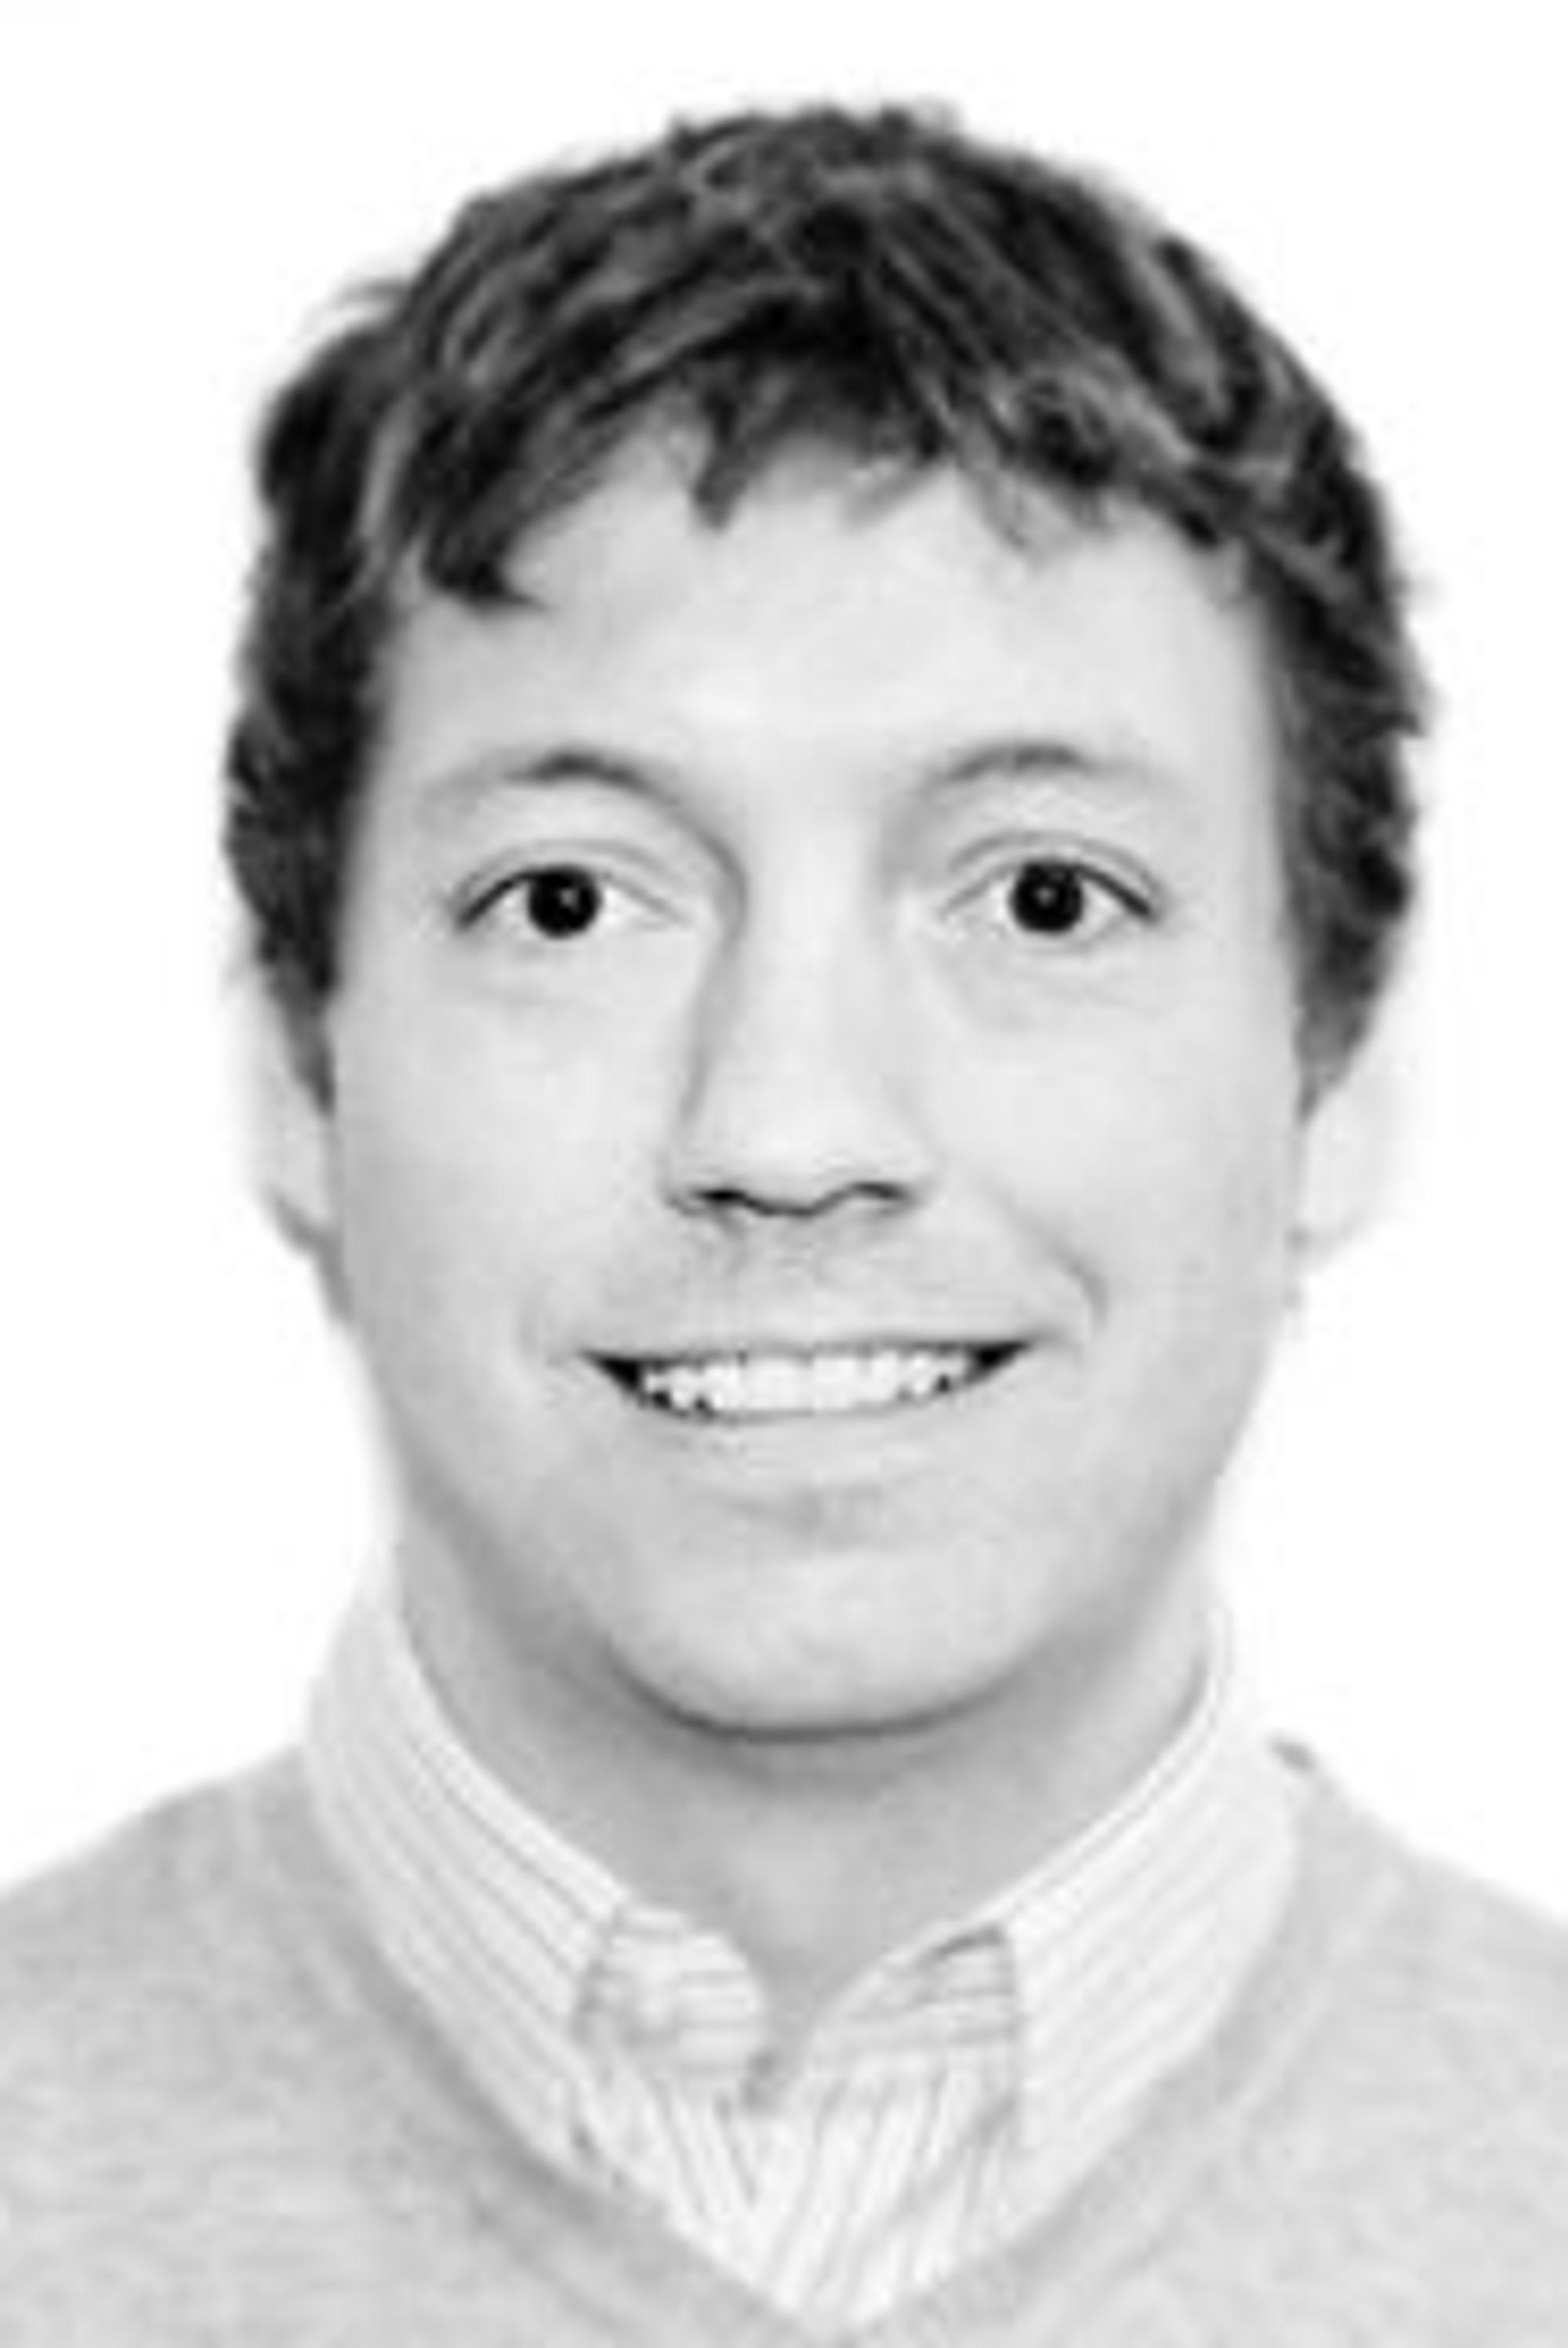 Henrik Otgard er utvikler i Knowit og blant dem som har jobbet mest med RuterBillett-applikasjonen for Android.